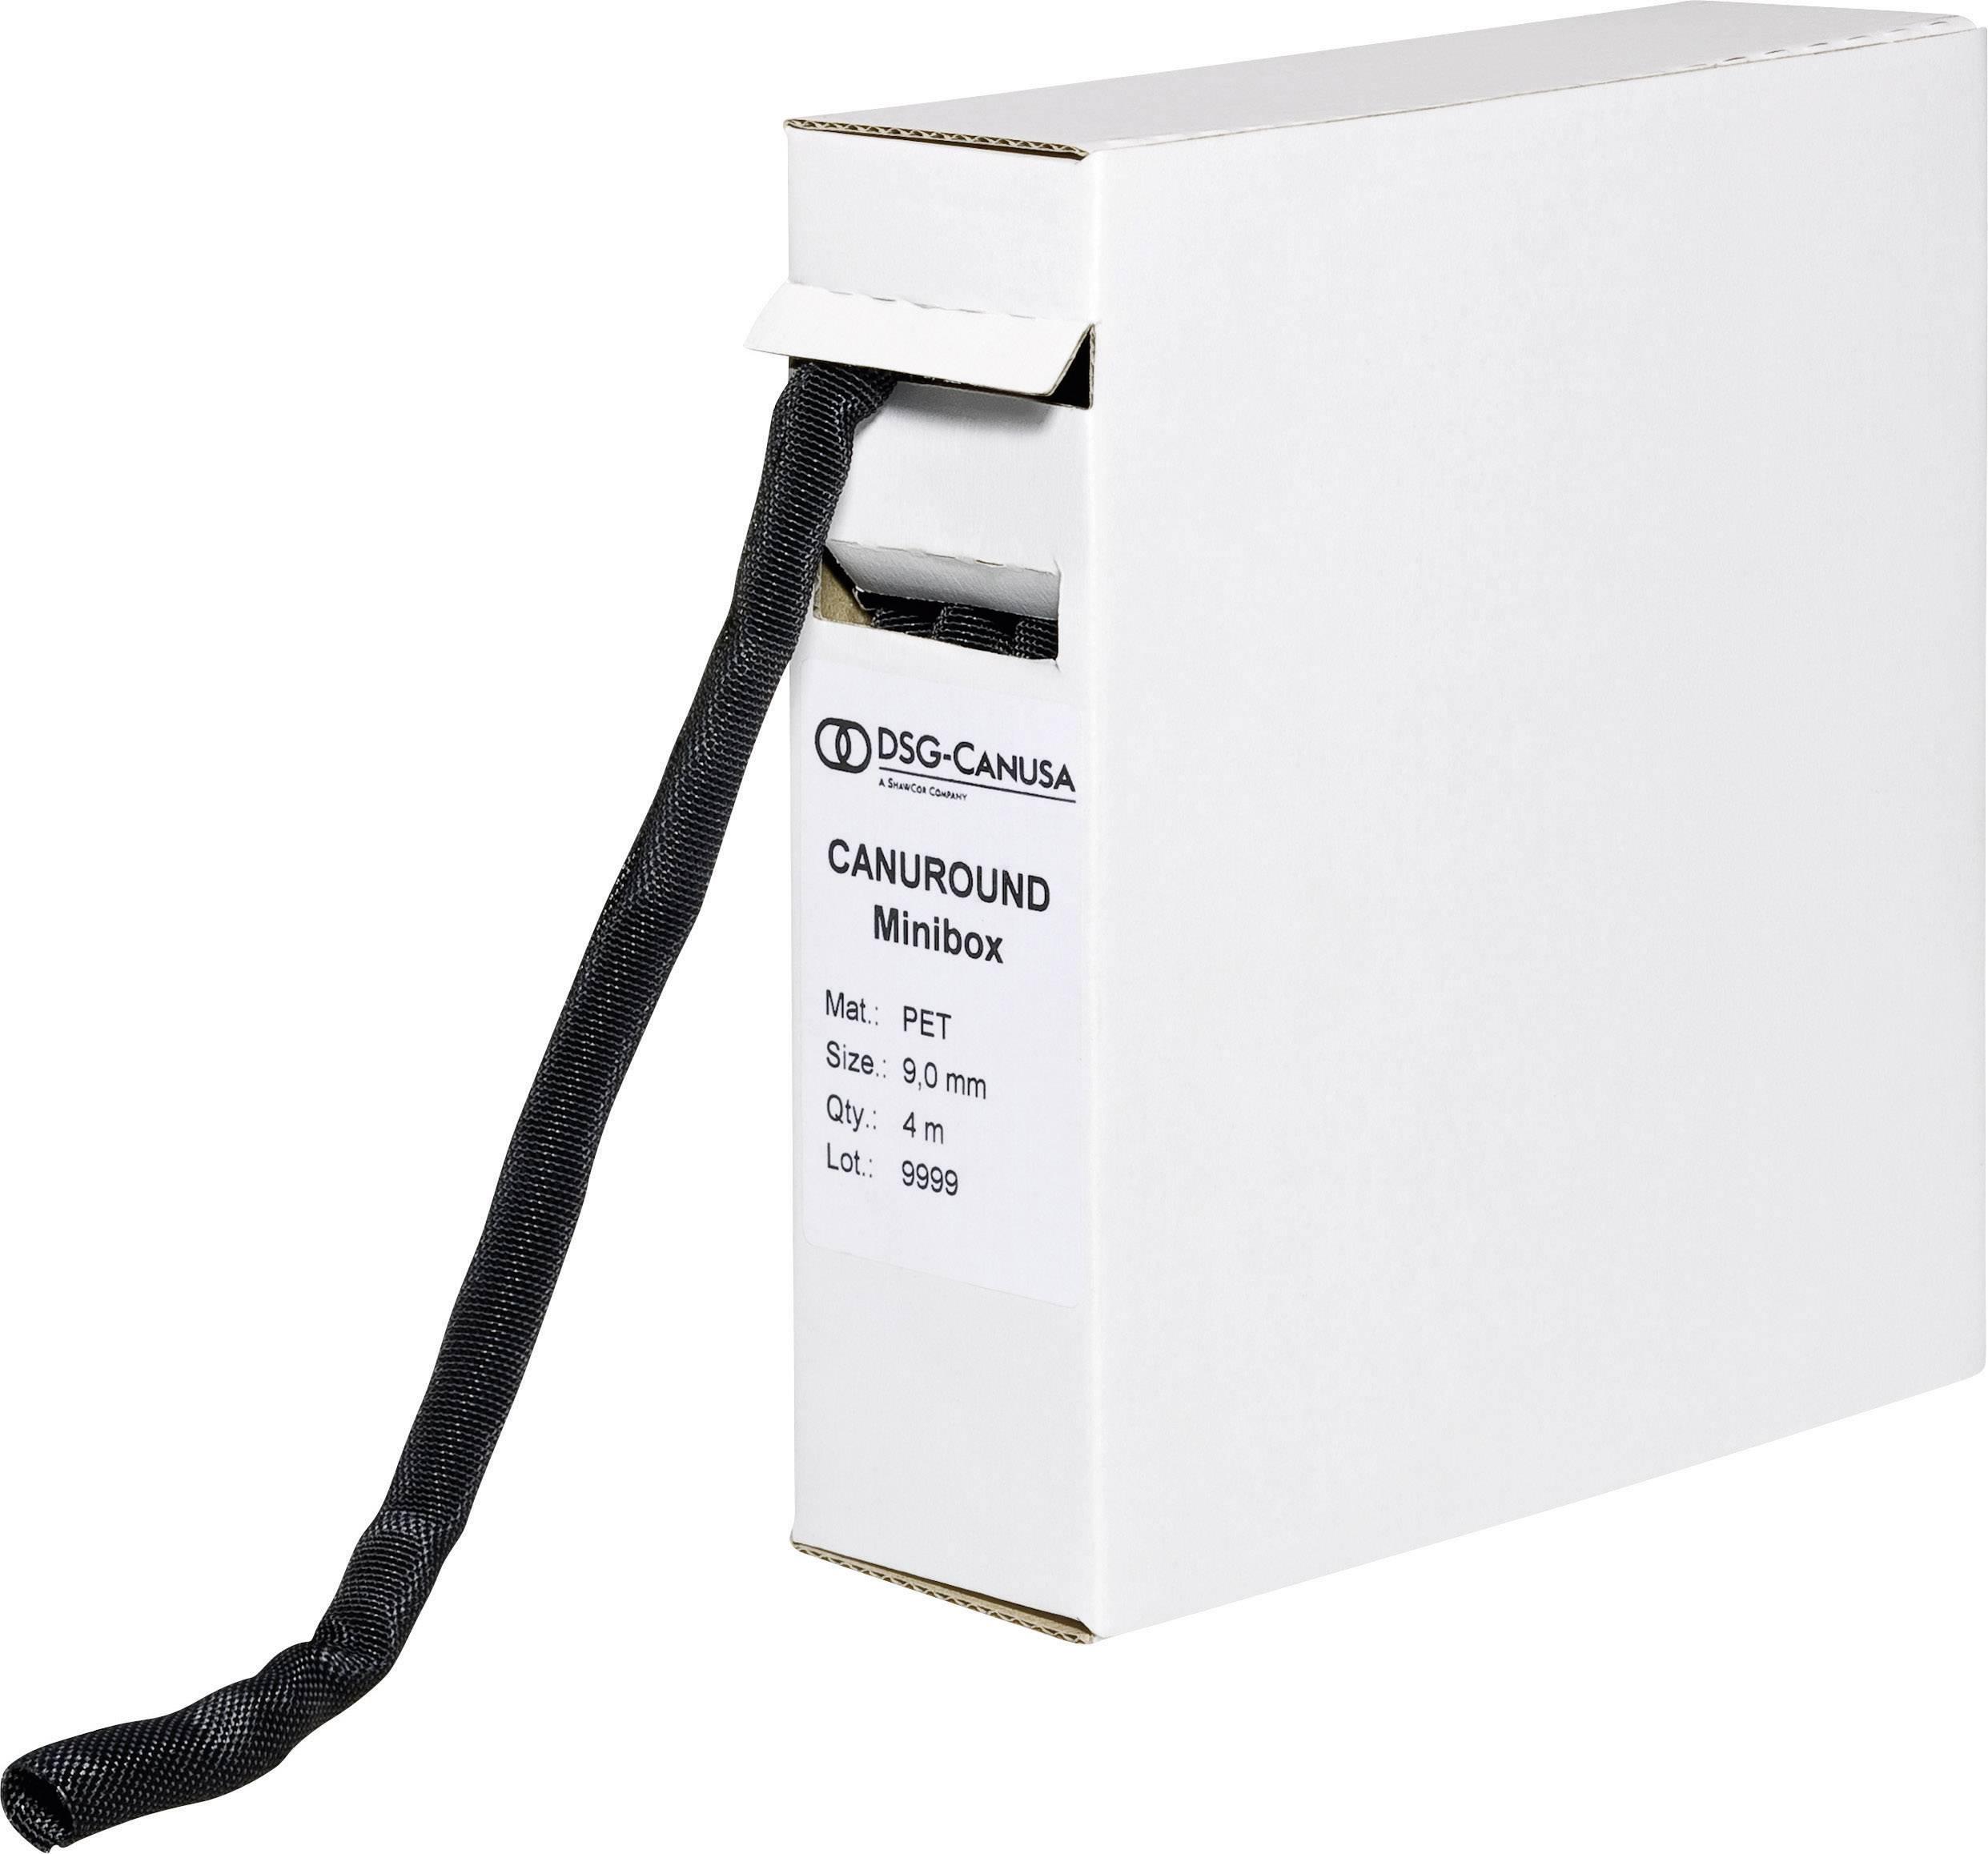 Ochranný oplet DSG Canusa Canuround Mini Box (8690130955), černá